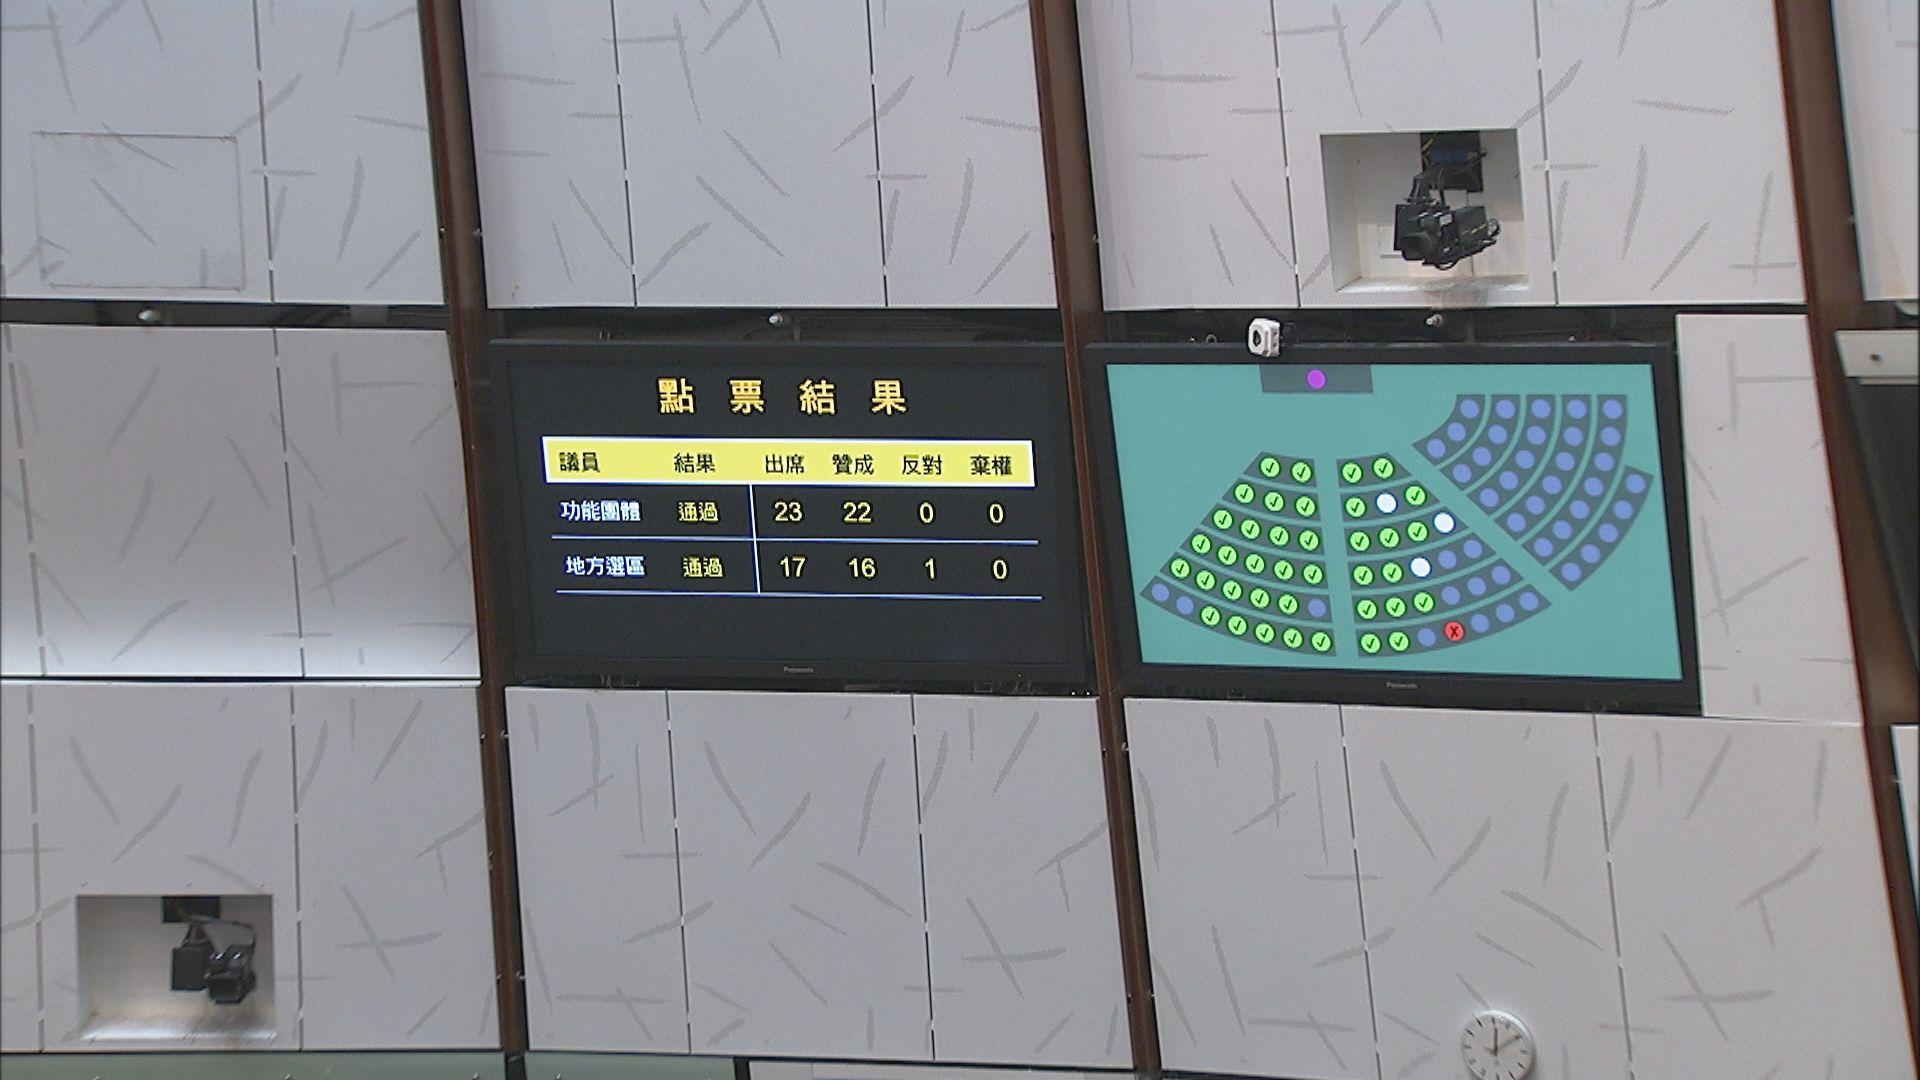 【一票反對】立法會通過修改議事規則 鄭松泰質疑多此一舉